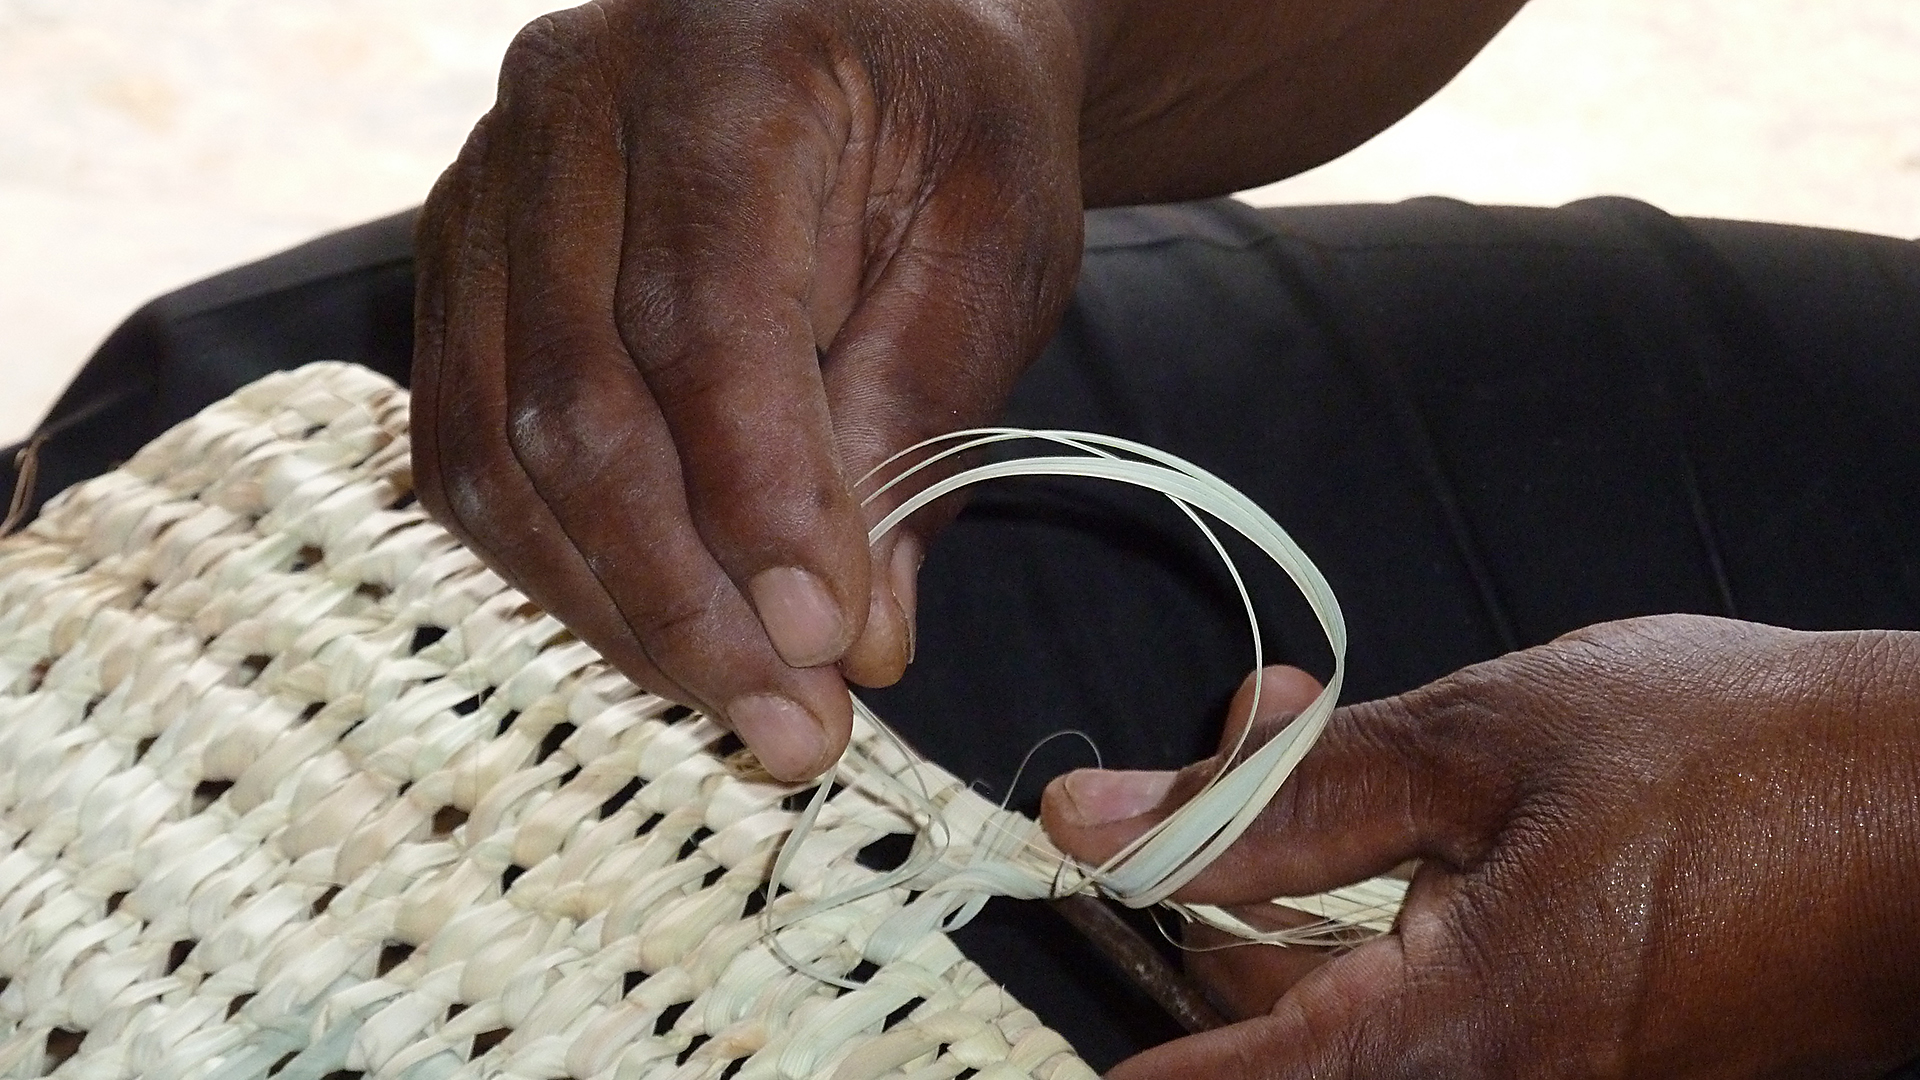 Bei Wüstensand haben Frauen durch Heimarbeit die Chance, flexibel ihr eigenes Einkommen zu erwirtschaften – das macht sie unabhängiger von ihren Ehemännern. Rund 60 Prozent der Produzenten sind Frauen.